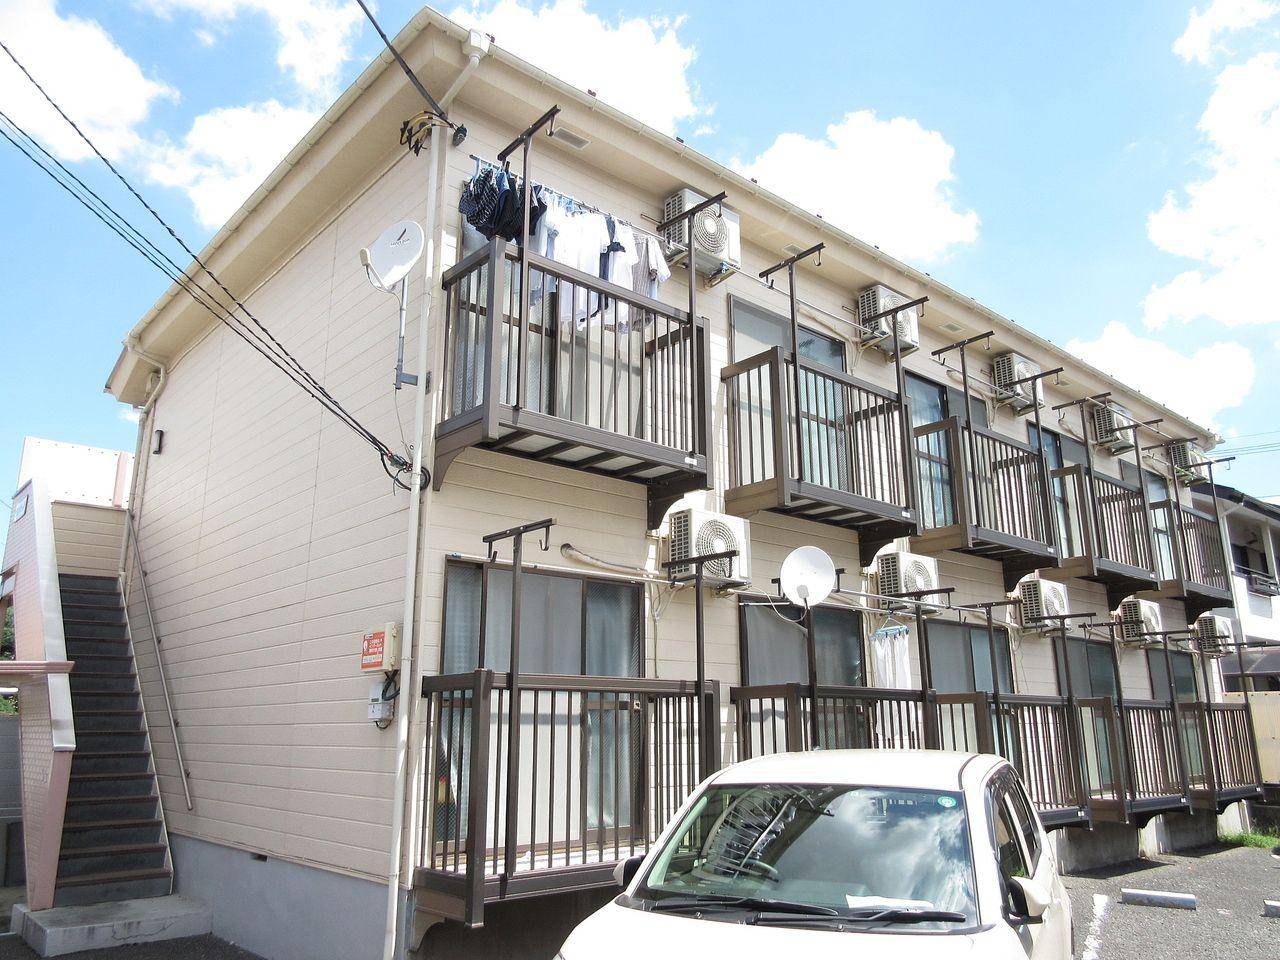 【板橋区高島平の賃貸アパート】~敷地内に駐車場がある単身者物件って珍しくないですか?・ヴォンビューラ205号室~